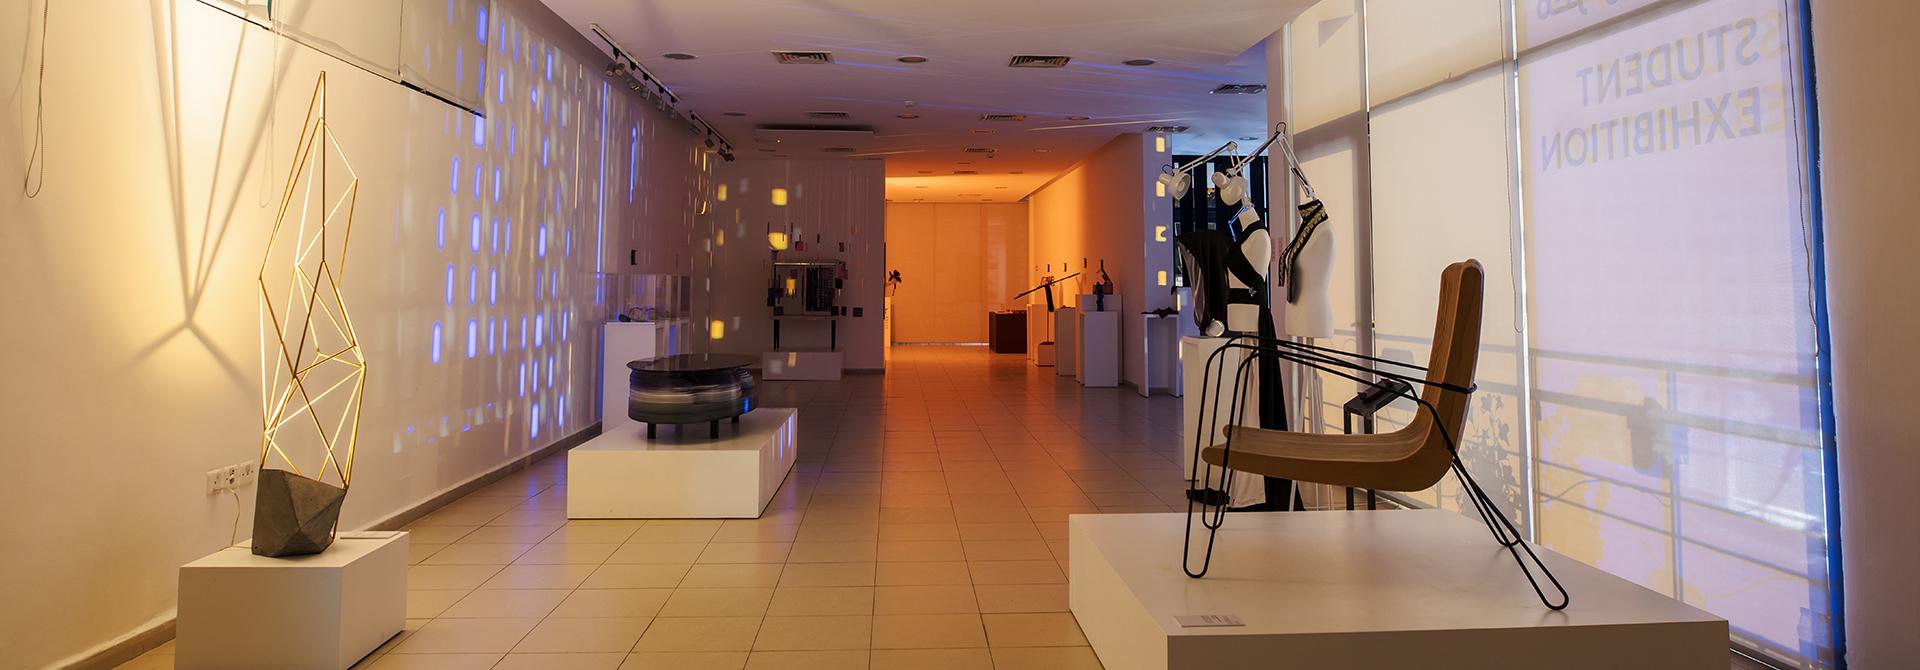 01 Student Exhibition